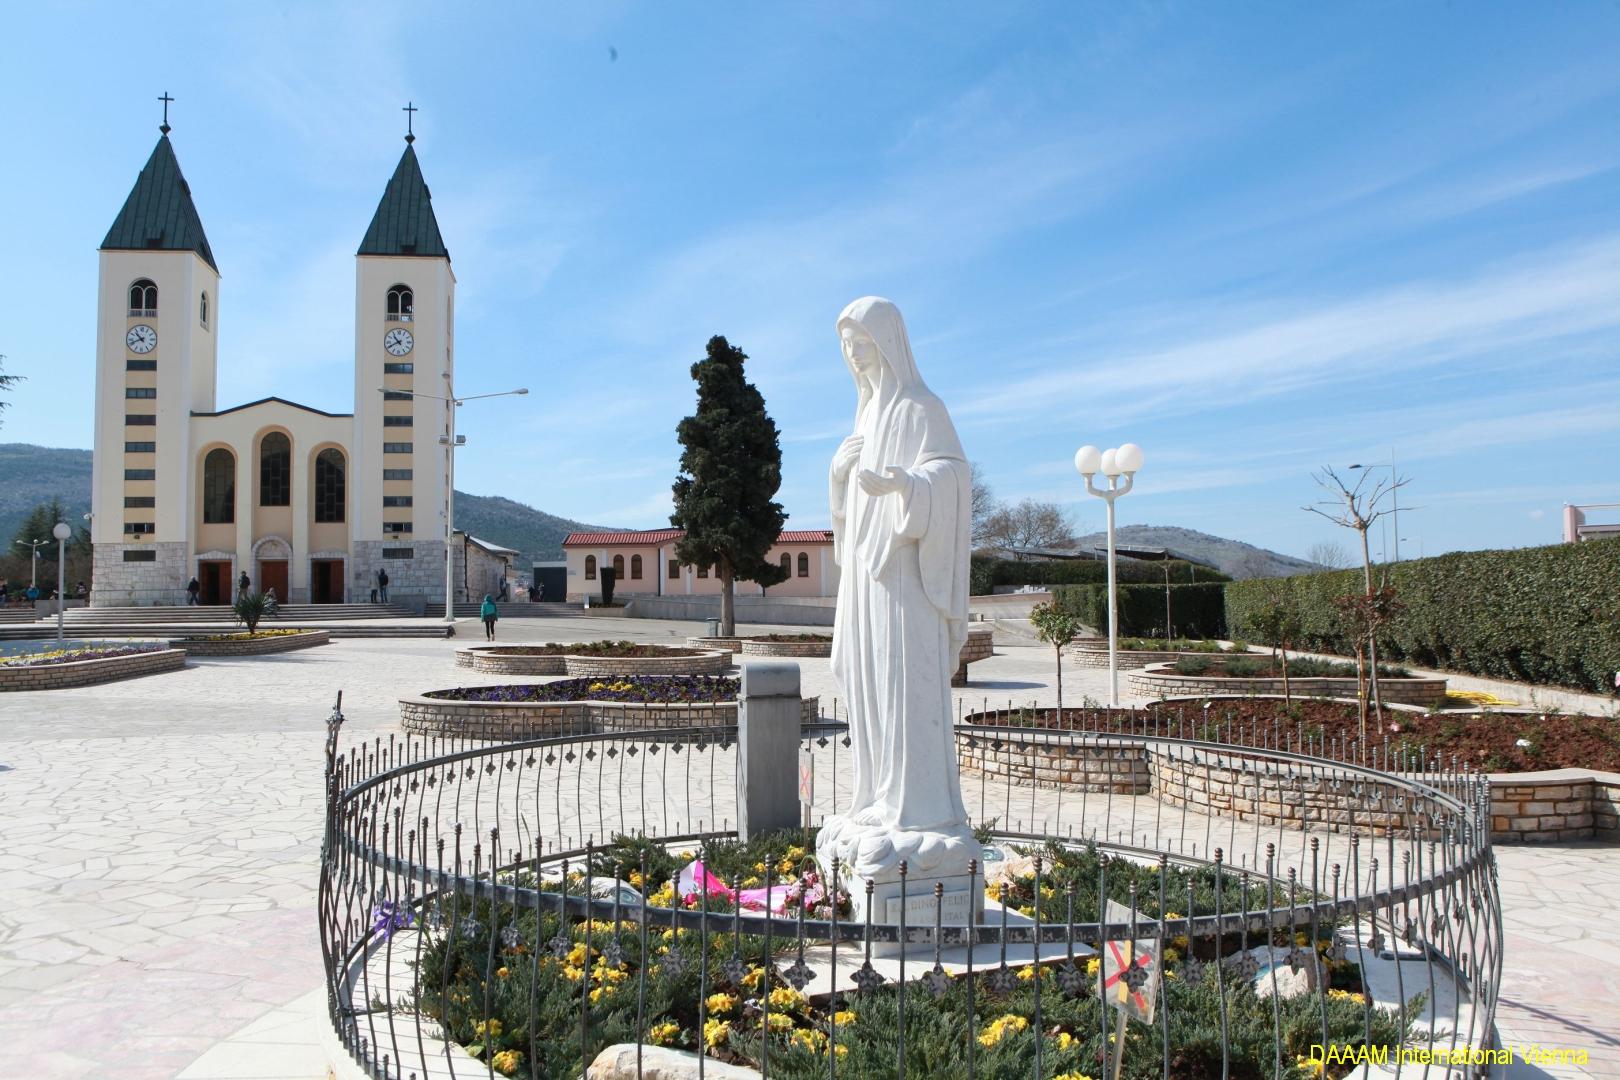 DAAAM_2016_Mostar_01_Magic_City_of_Mostar_219